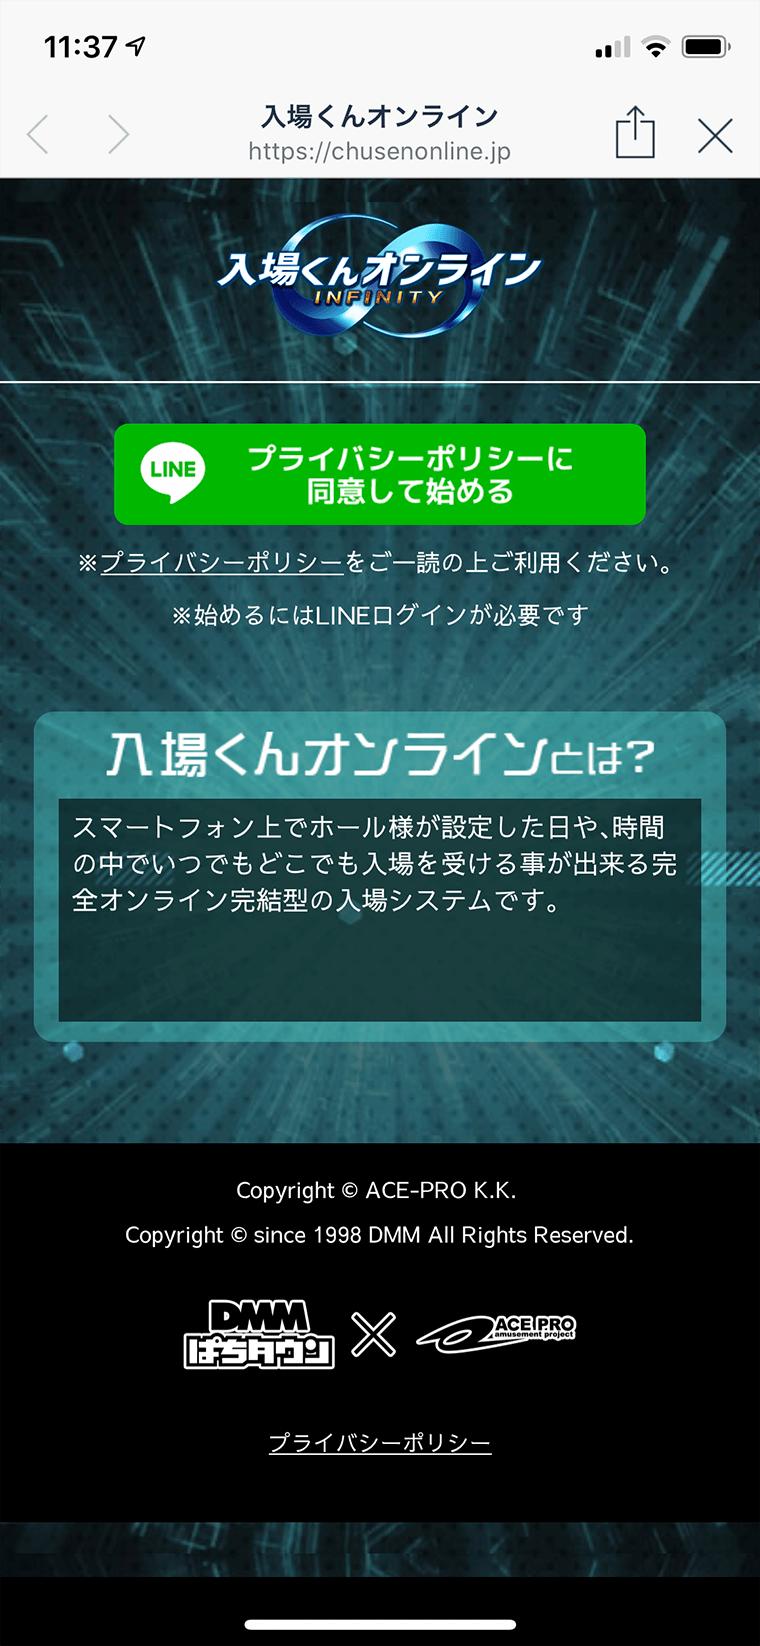 ジャラン五反田 プライバシーポリシー